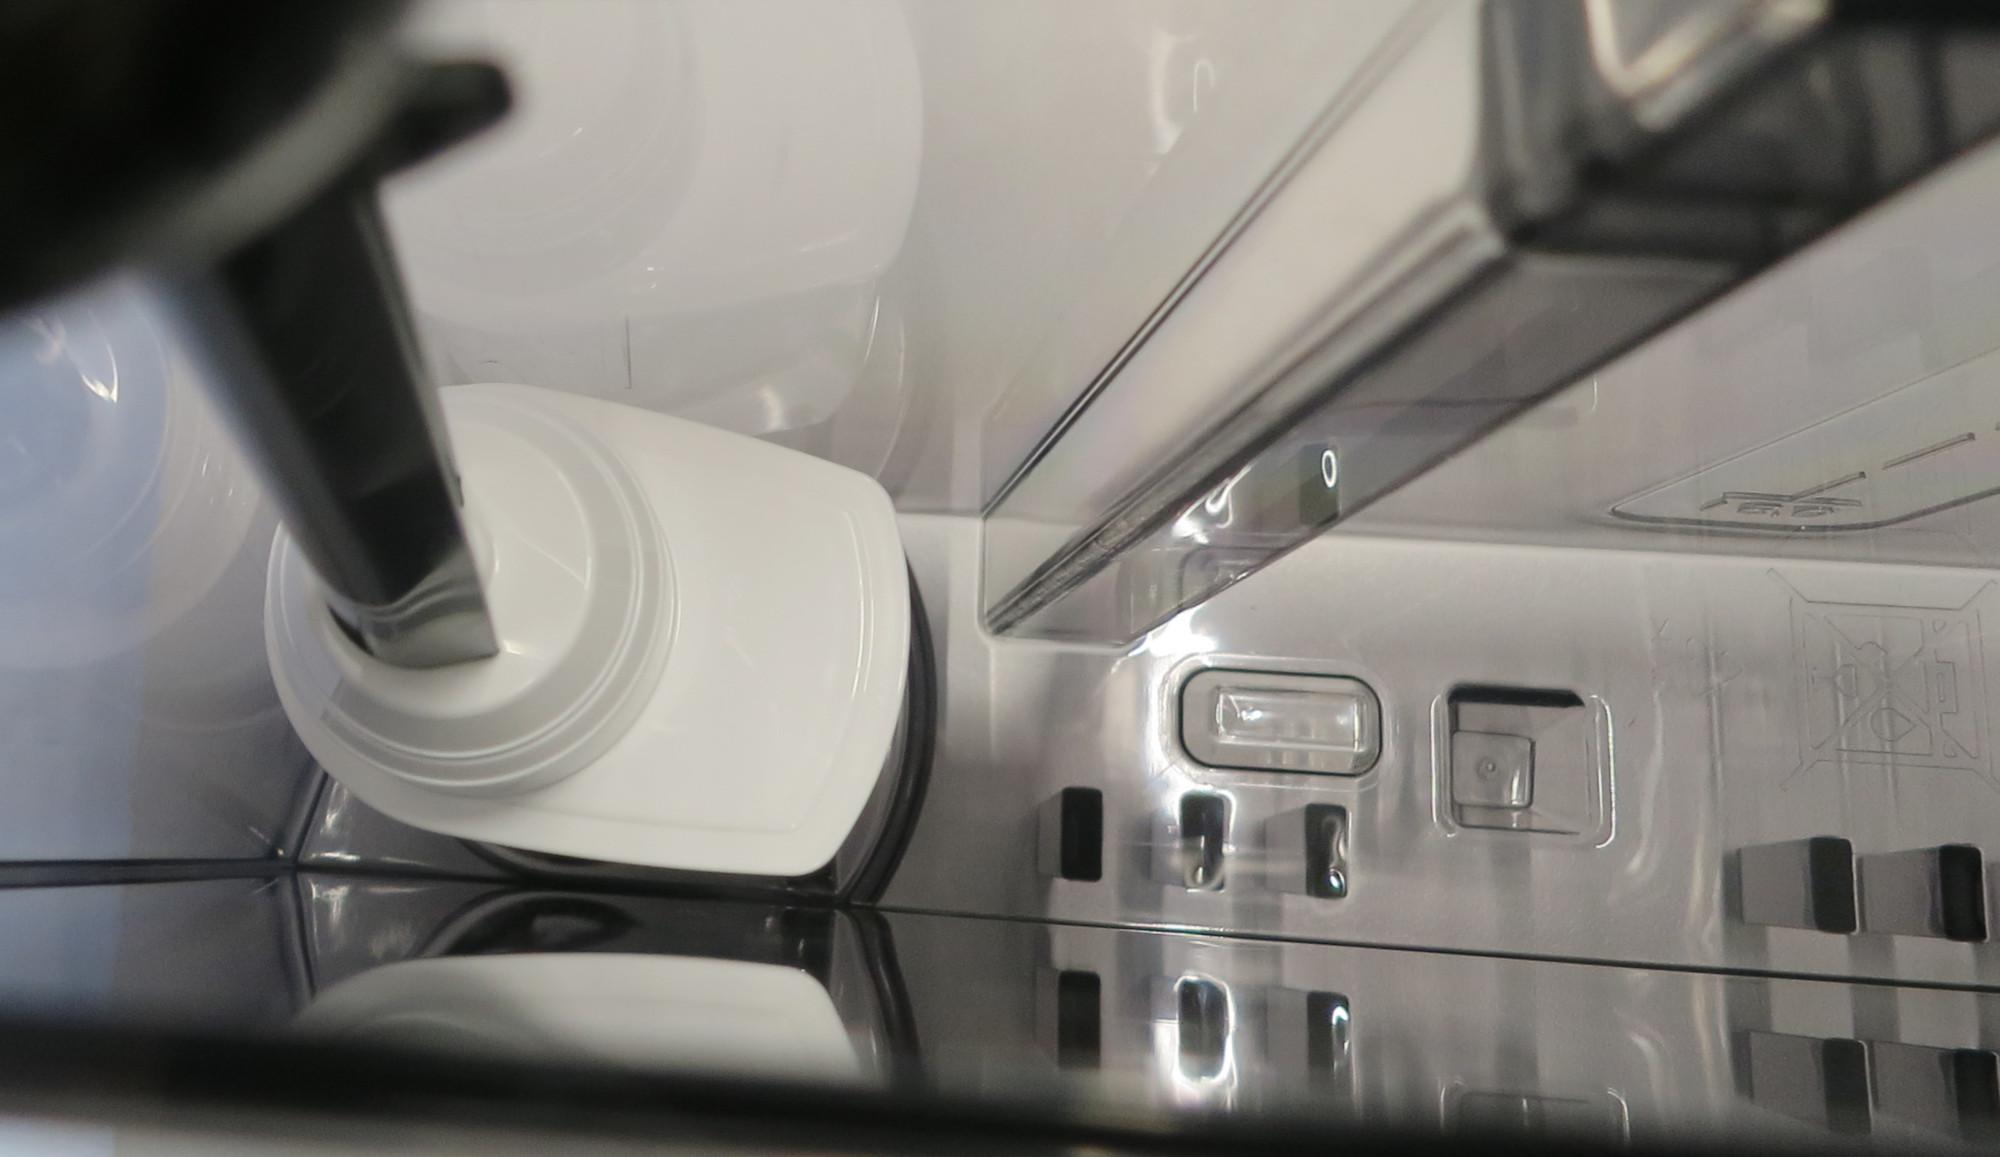 Brita-Wasserfilter im Wassertank des Kaffeevollautomaten Siemens EQ.9 plus connect